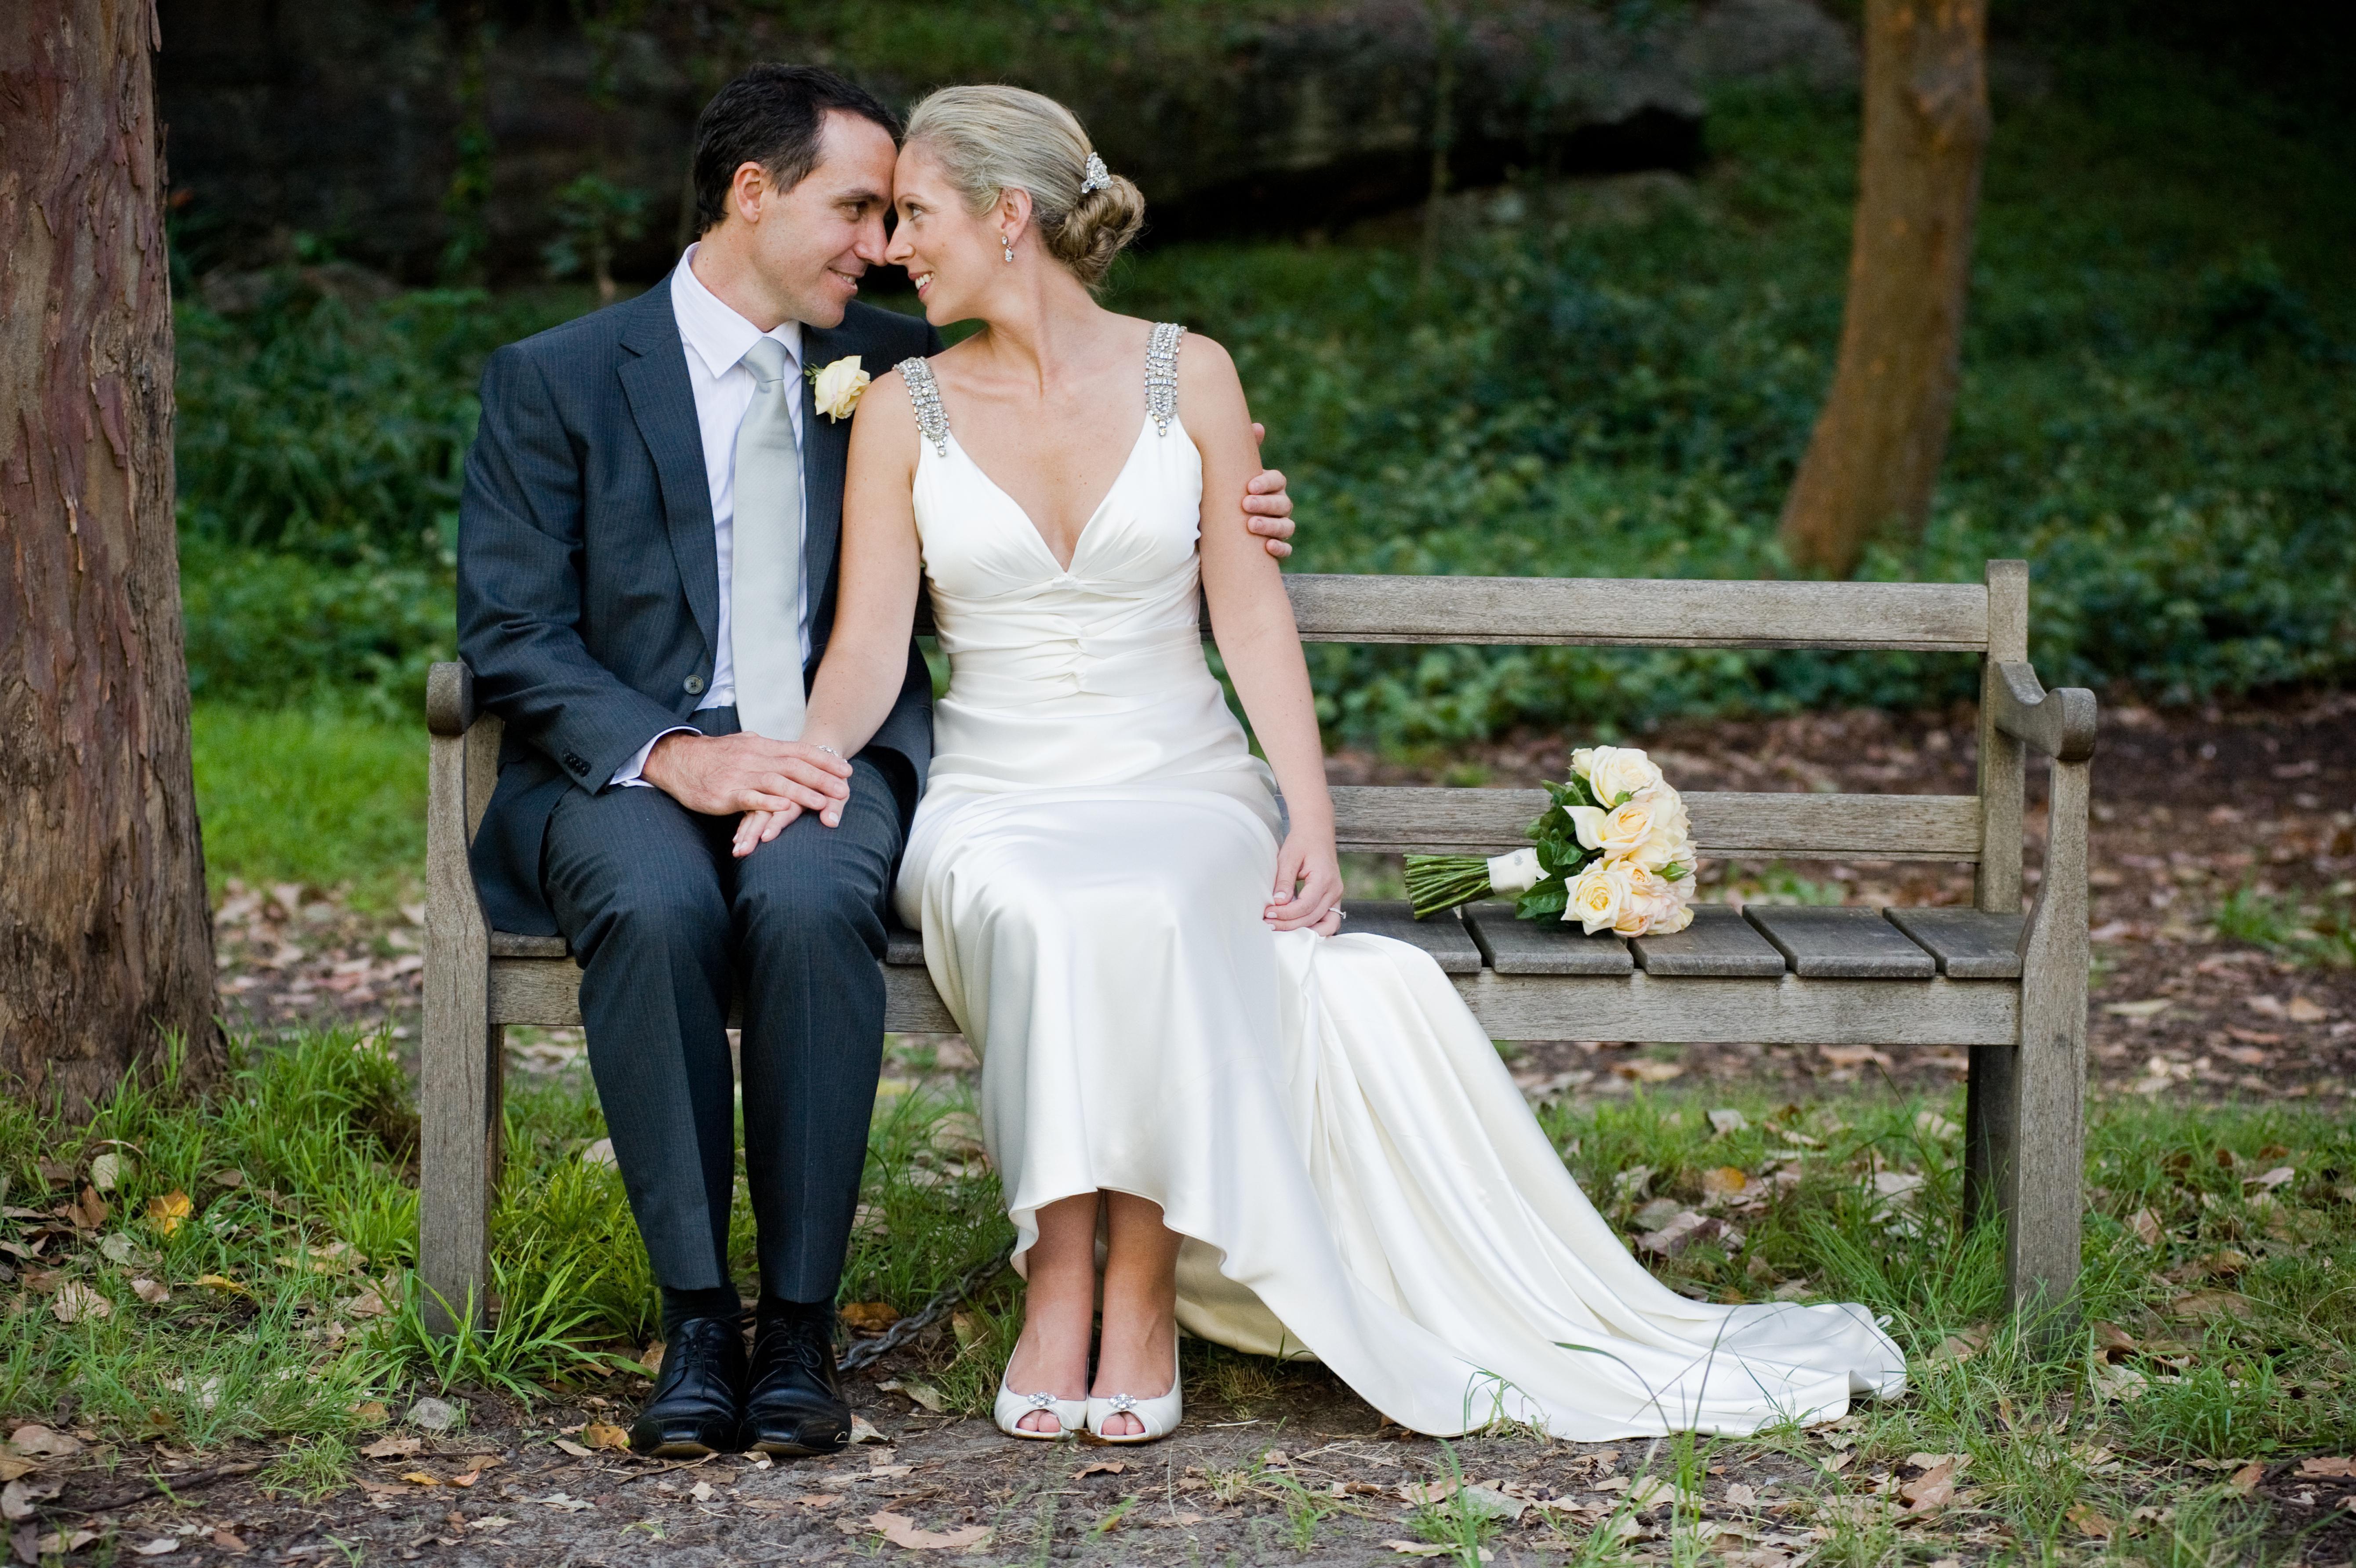 Inexpensive Wedding Locations